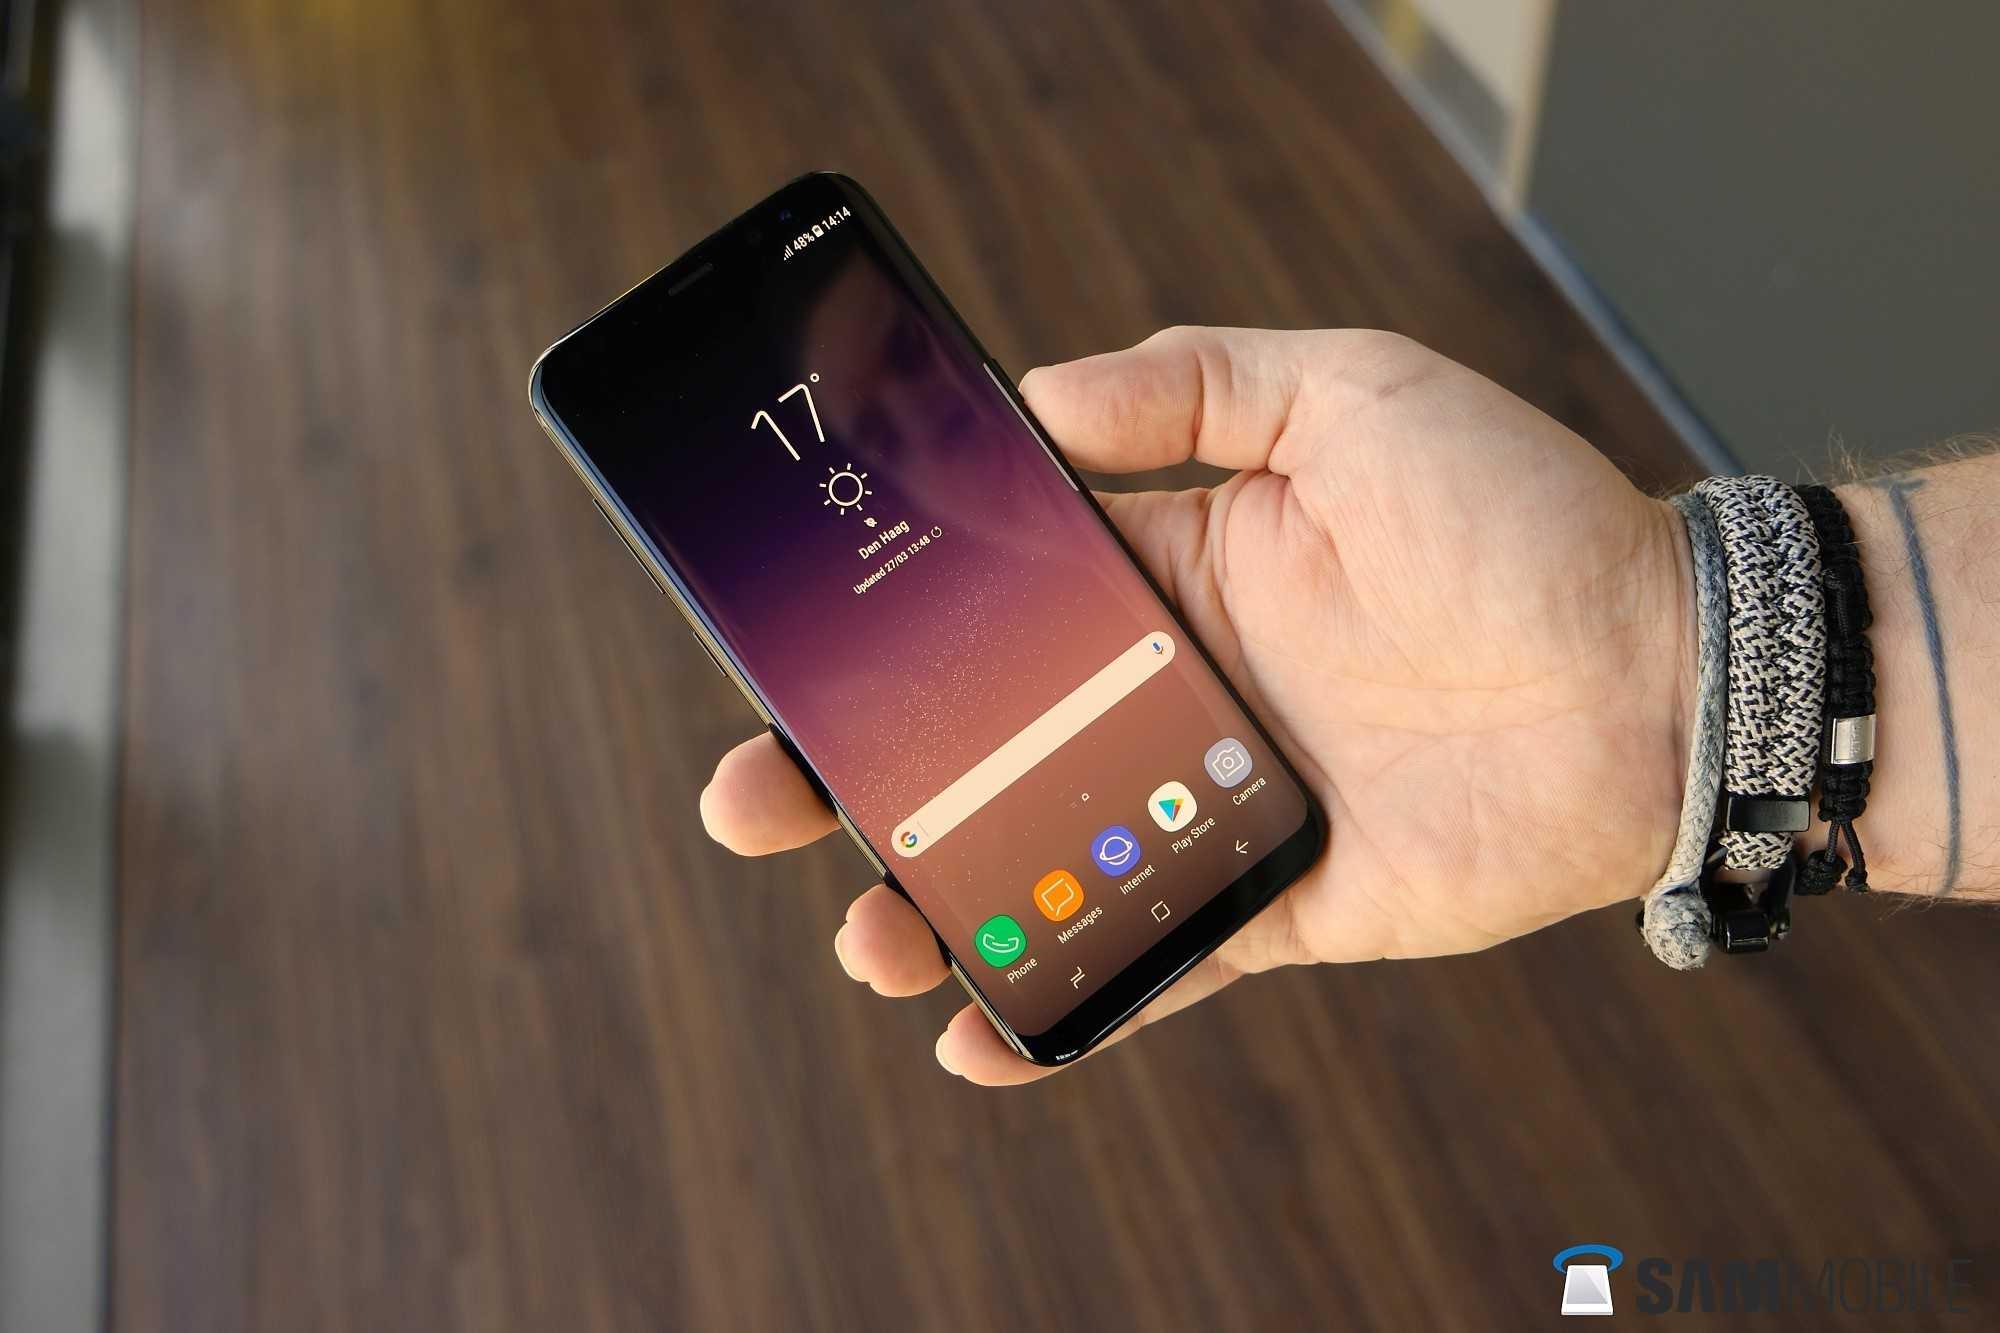 У человечества кончились деньги на дорогие смартфоны. весь мир переходит на дешевые - cnews